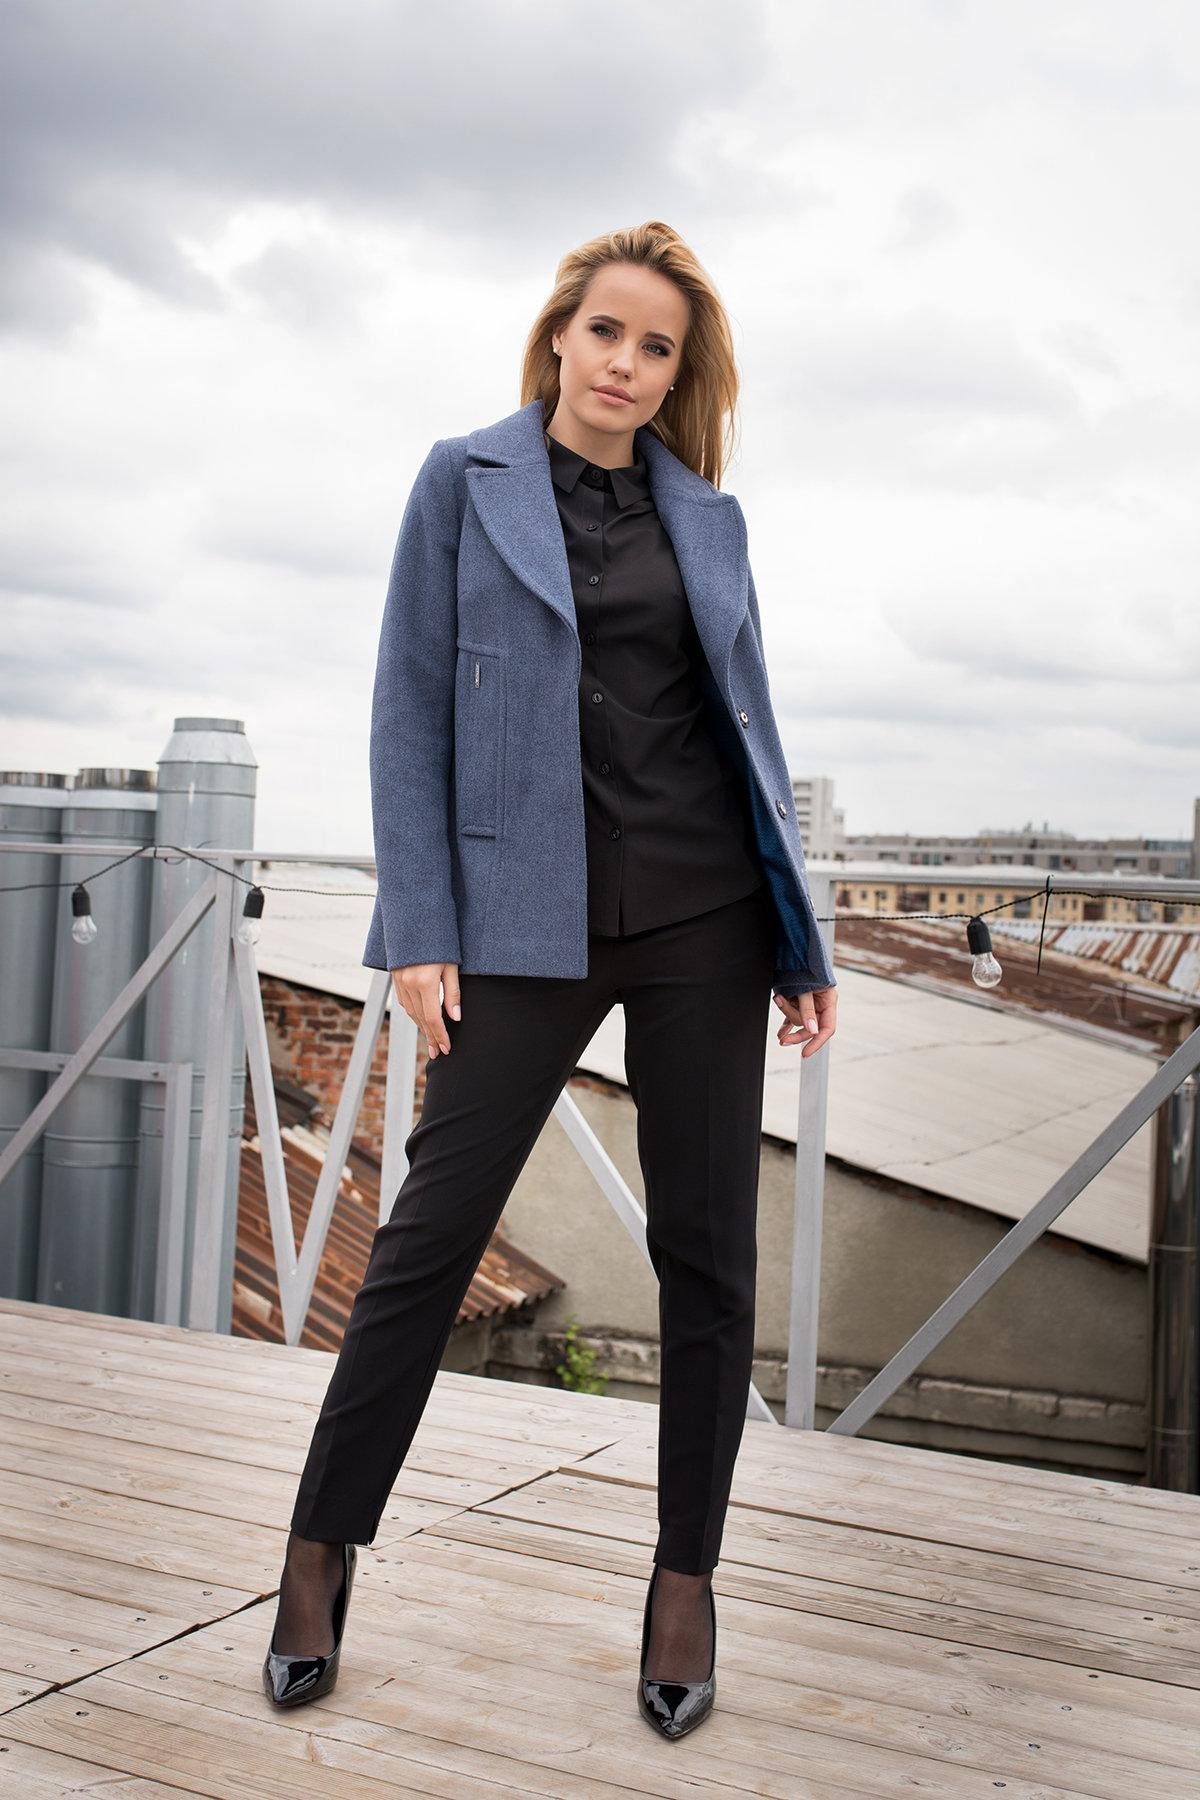 Демисезонное пальто прямого кроя Белладжио  7817 АРТ. 43701 Цвет: Джинс 41 - фото 2, интернет магазин tm-modus.ru